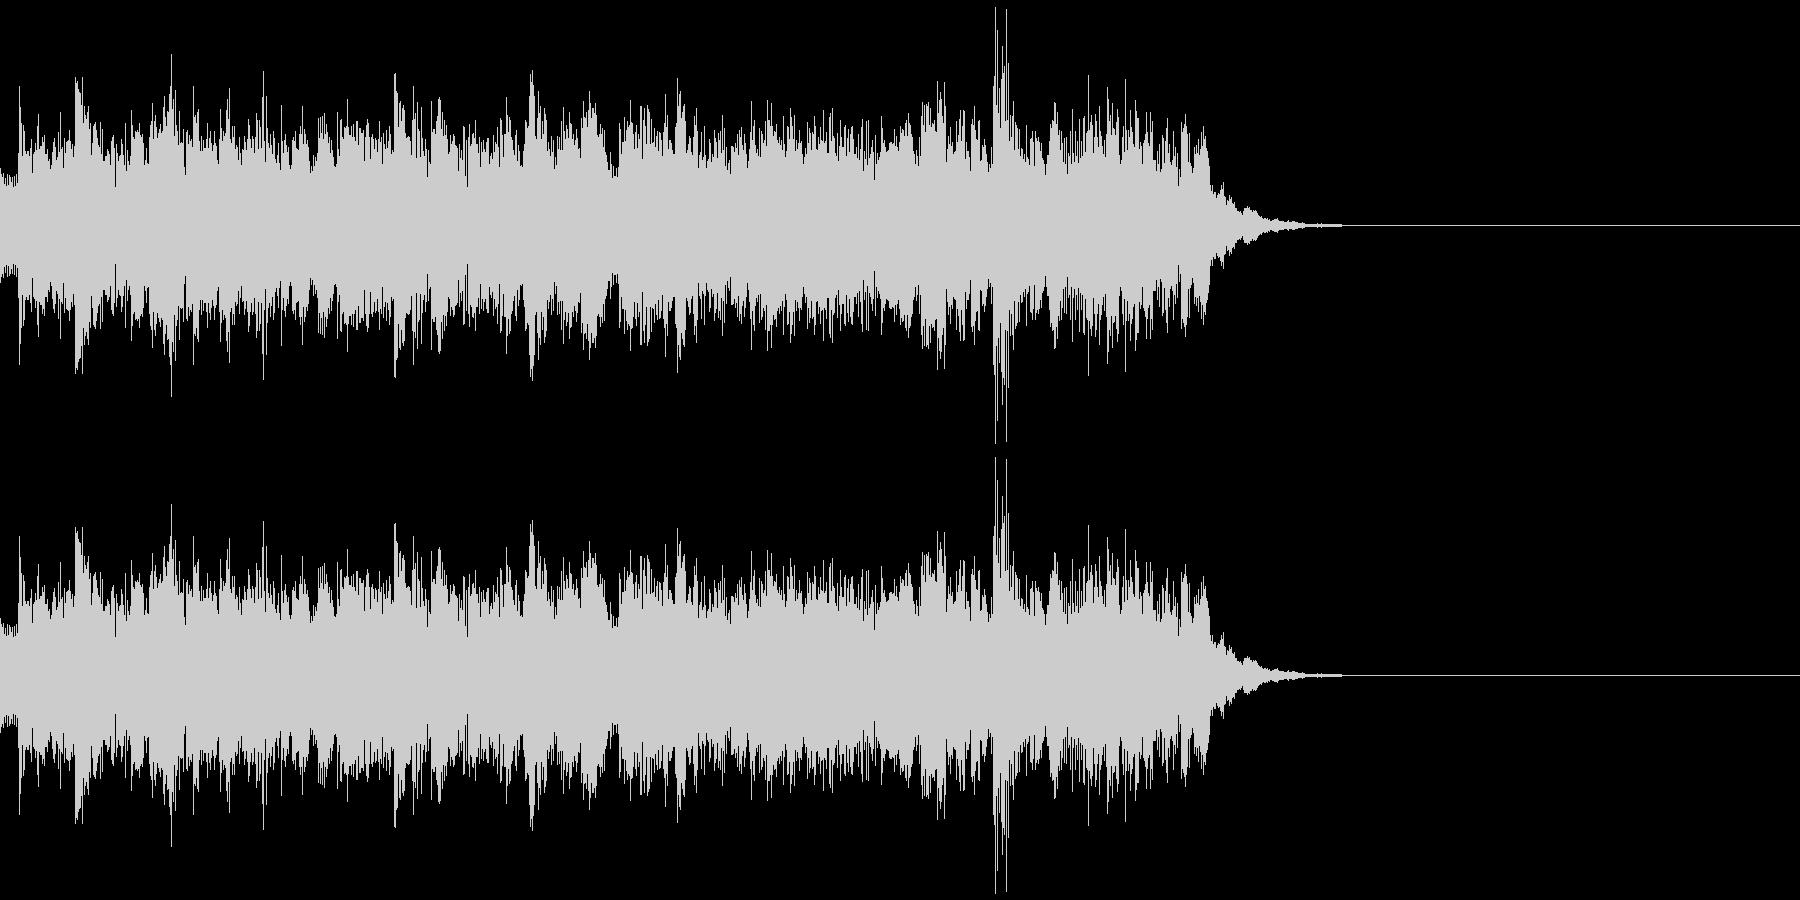 スリリングな音 の未再生の波形